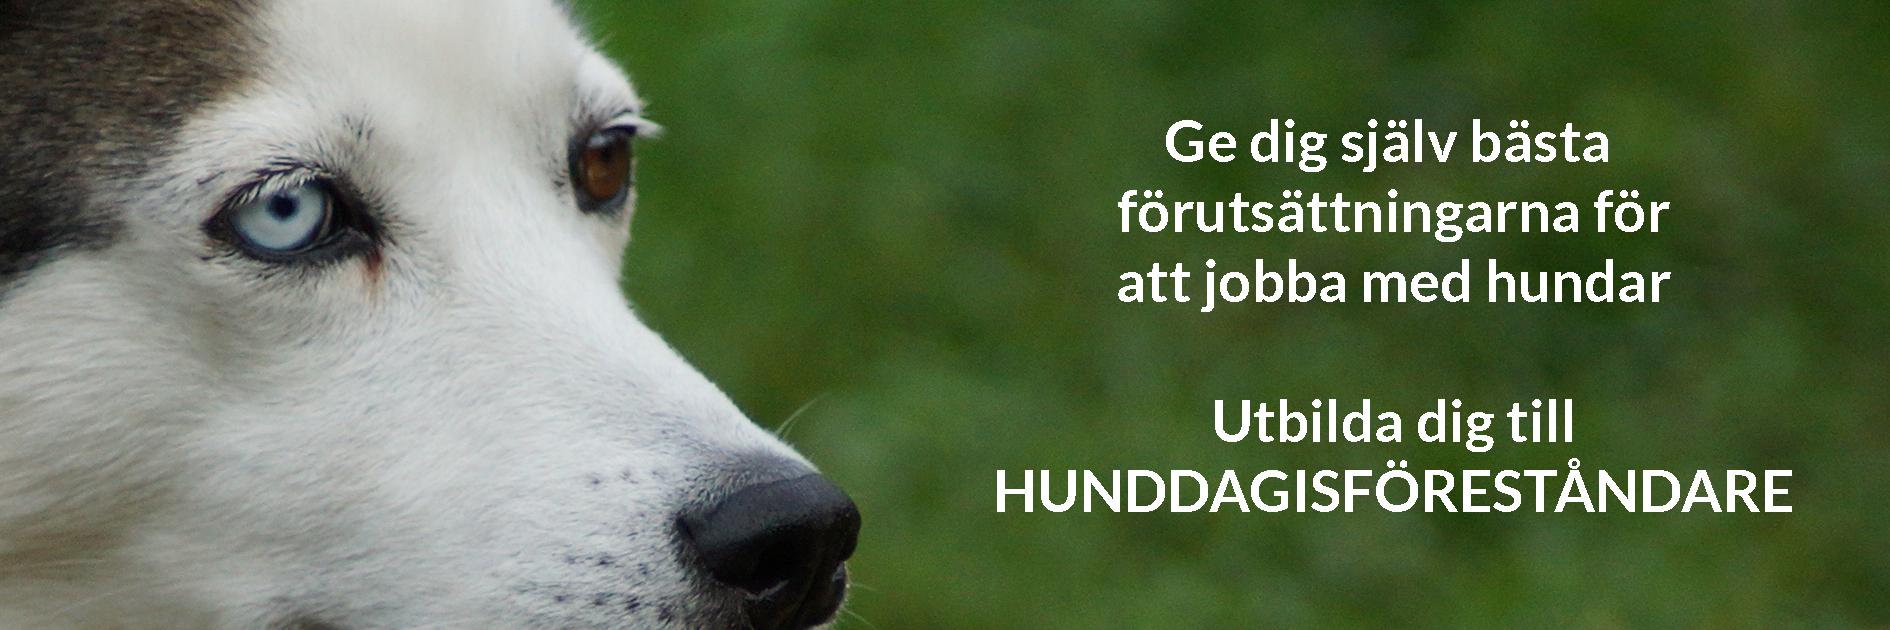 Hunddagisföreståndarutbildning